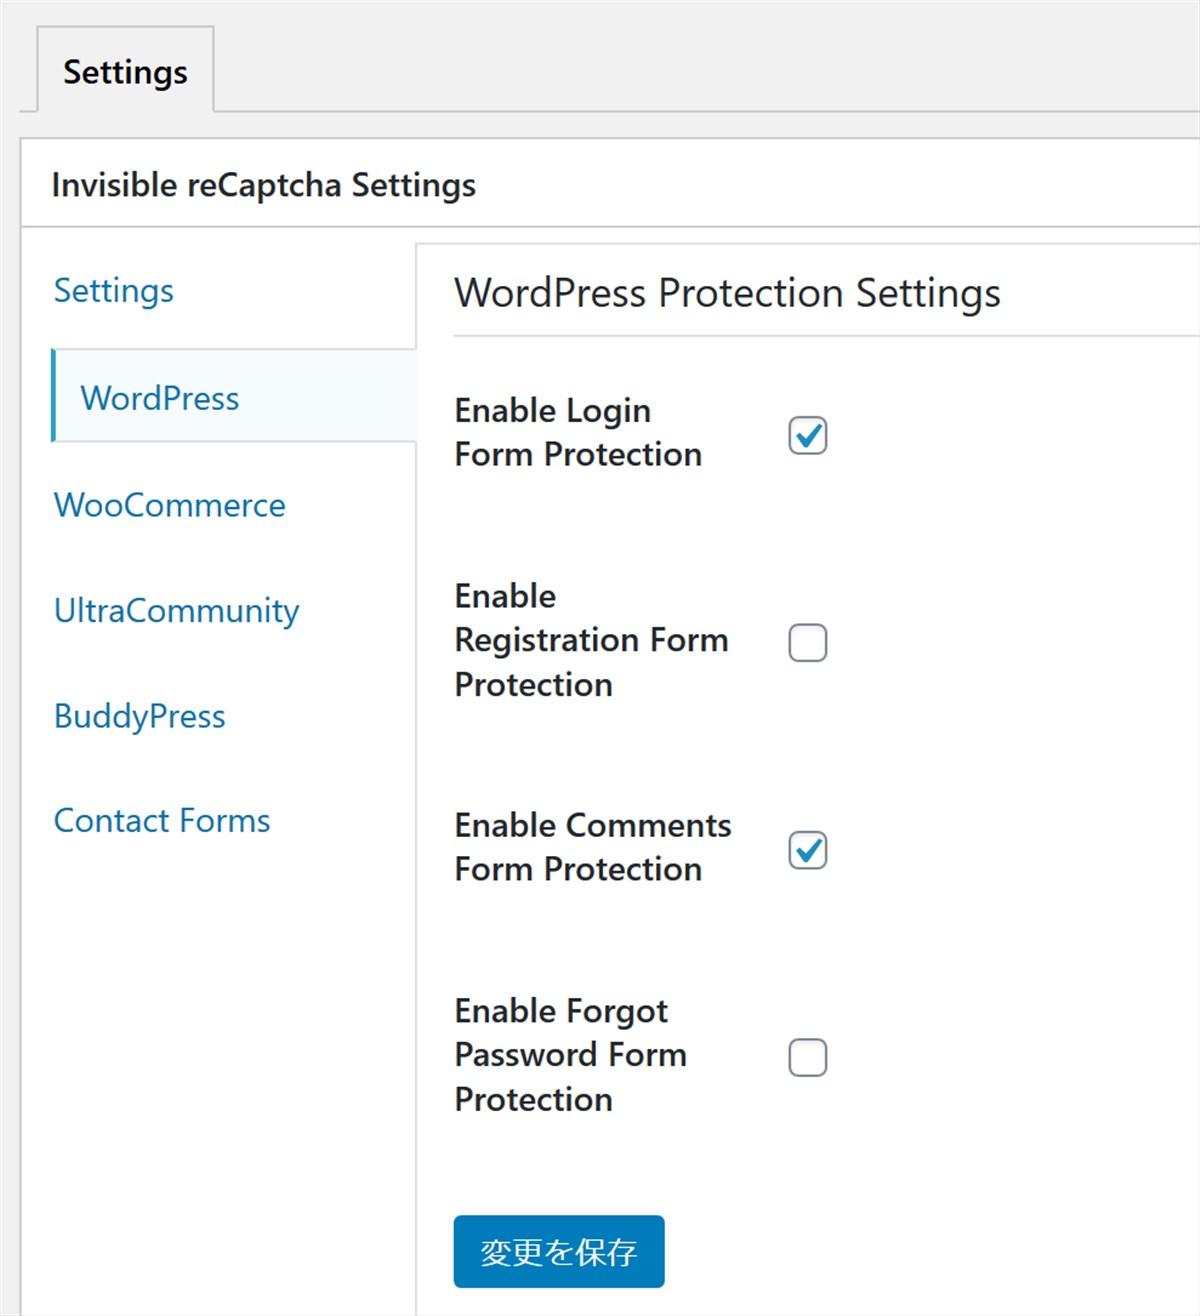 WordPressのプロテクション設定